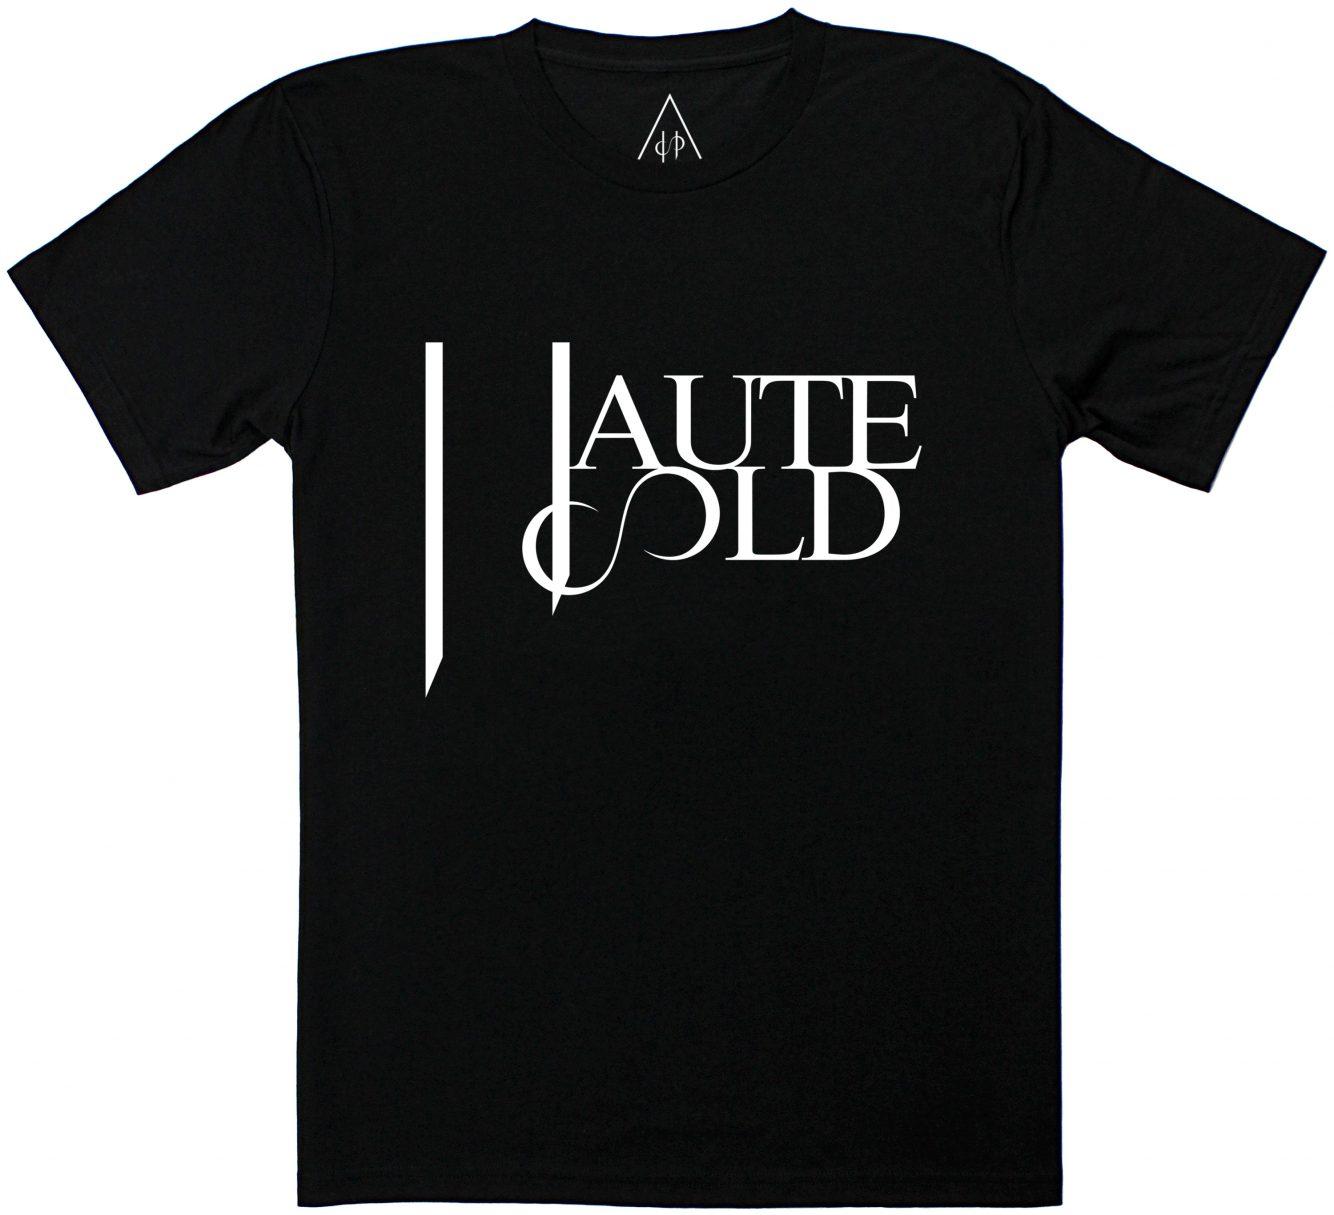 Haute Cold T-Shirt